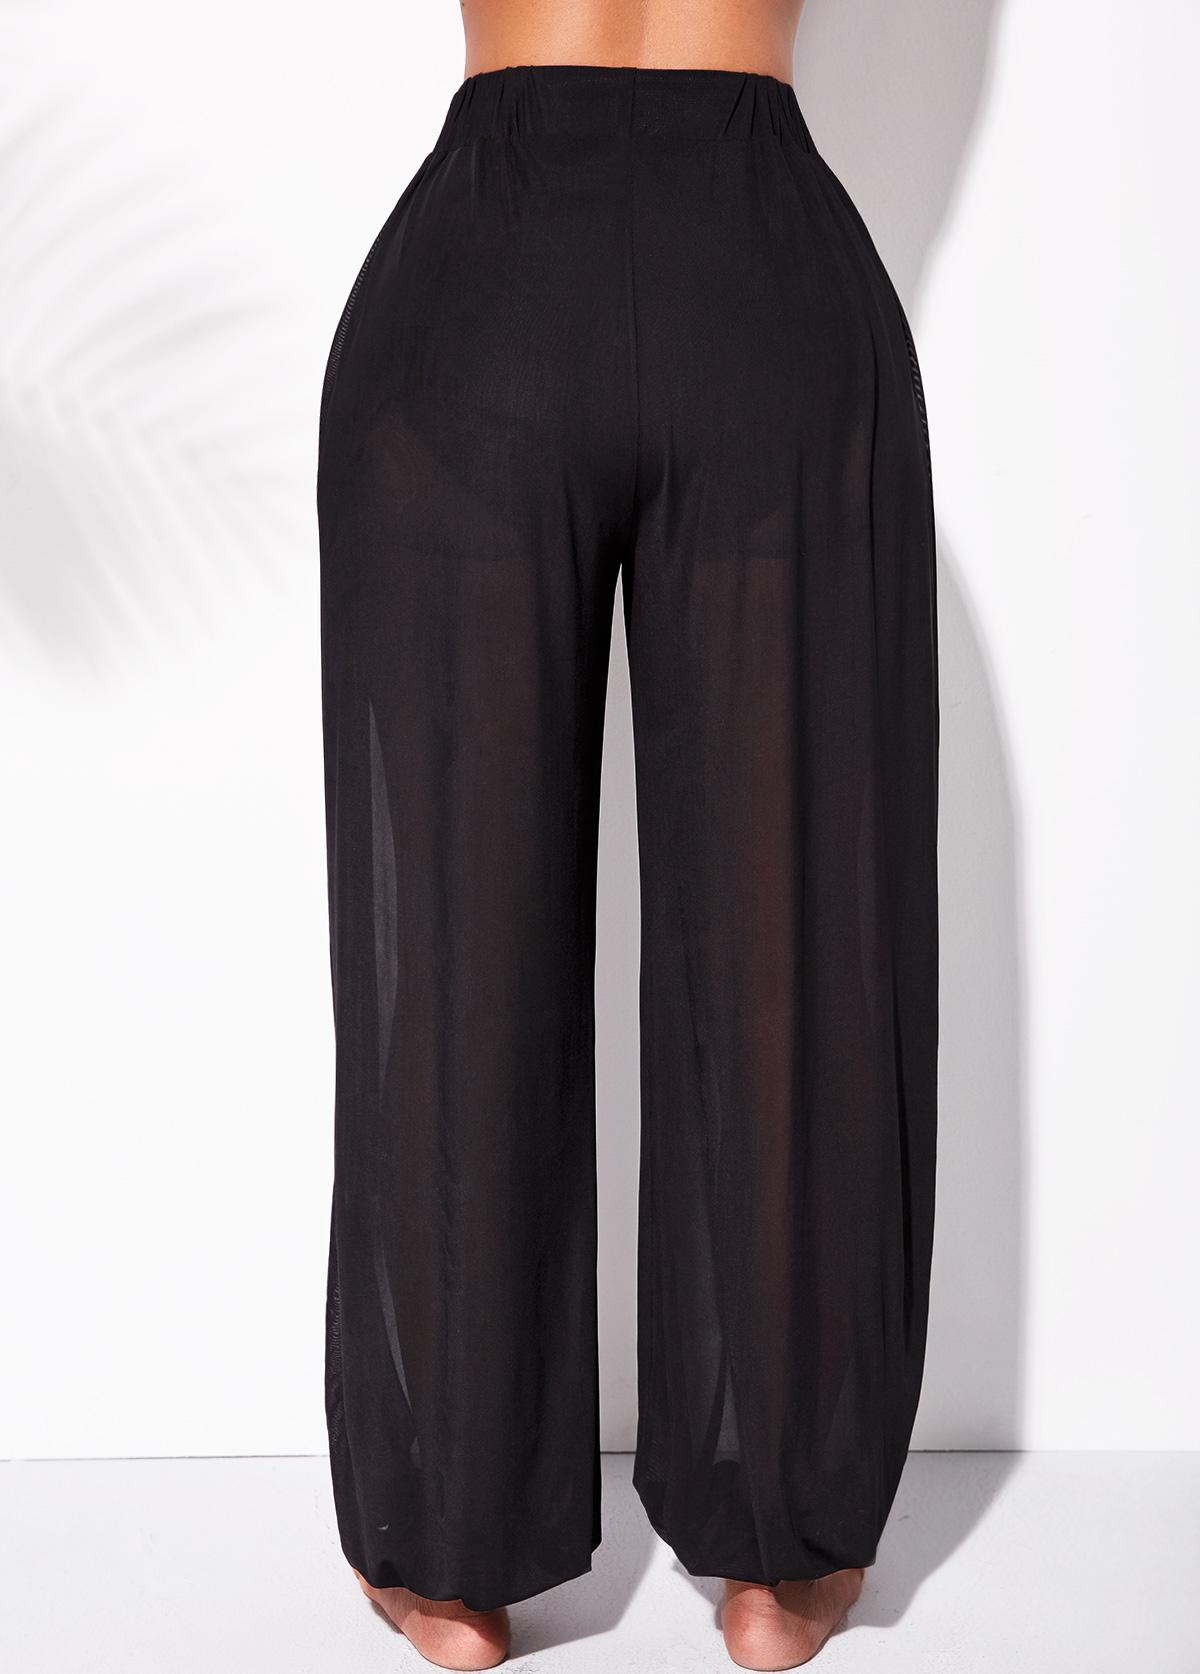 Mesh High Waisted Cutout Leg Beach Pants